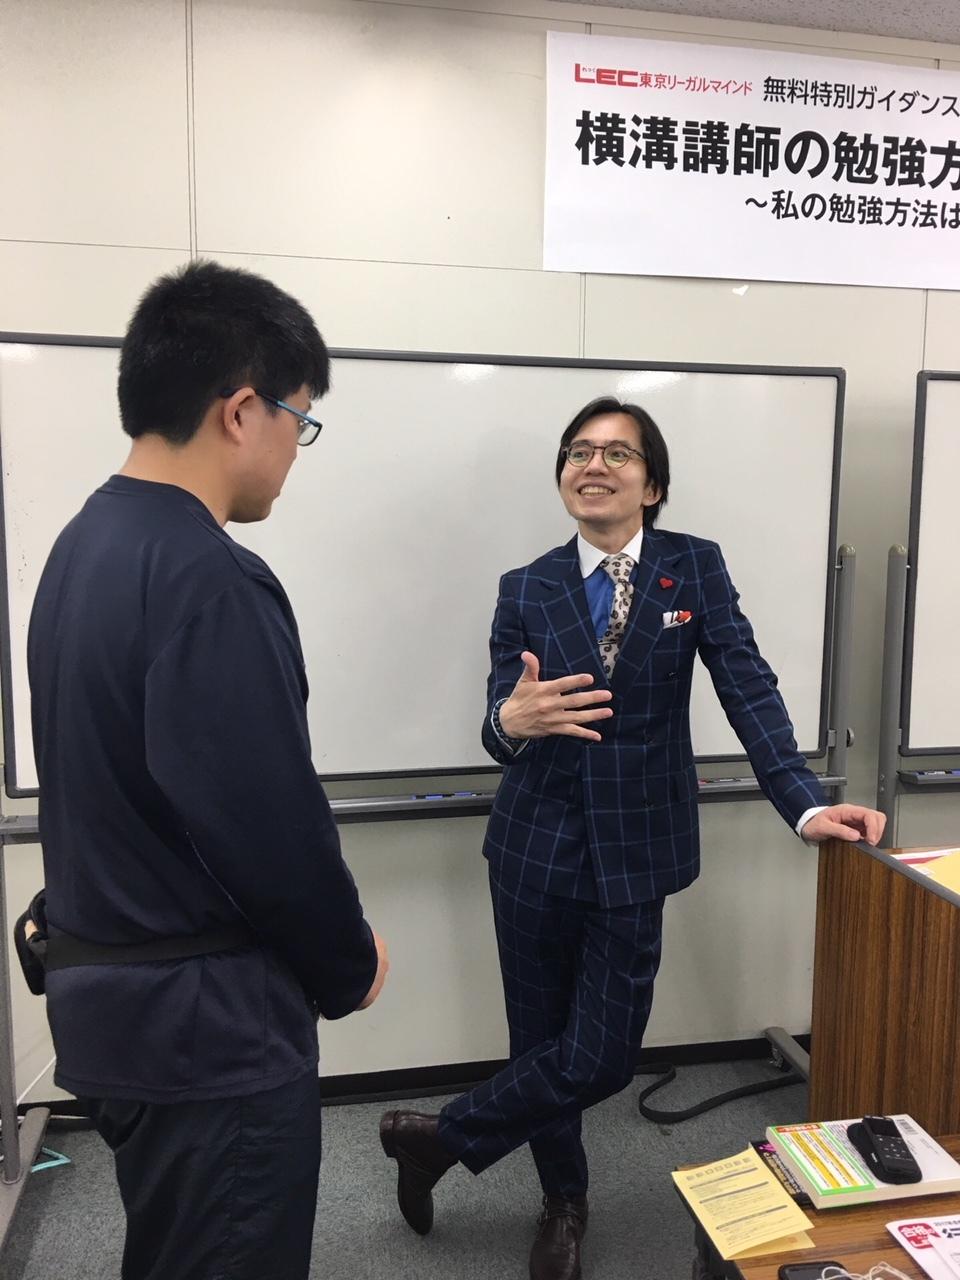 20170503_横溝講師と中村さん